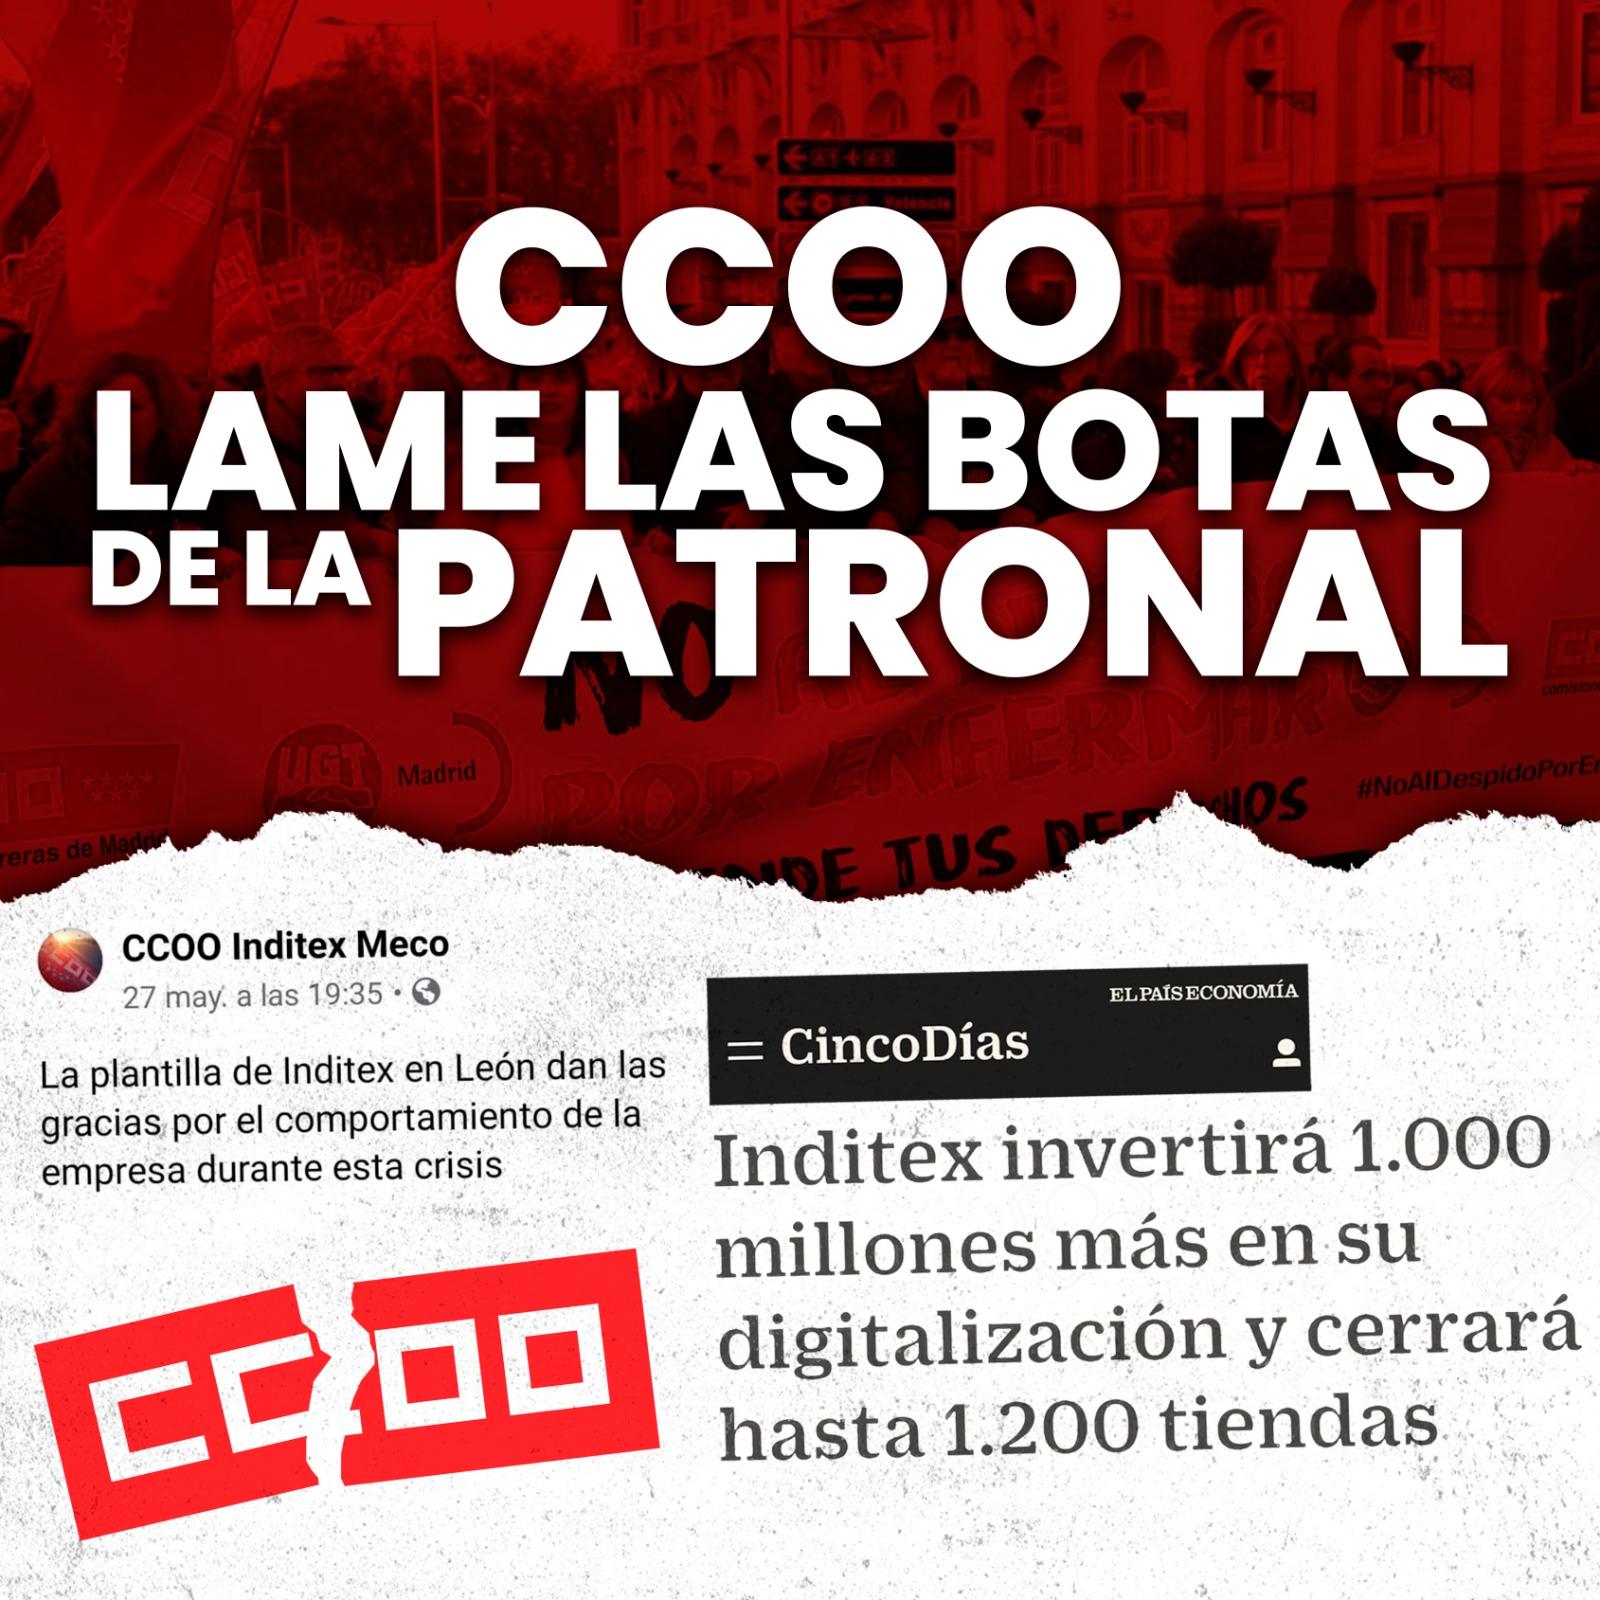 CCOO LAME LAS BOTAS DE LA PATRONAL